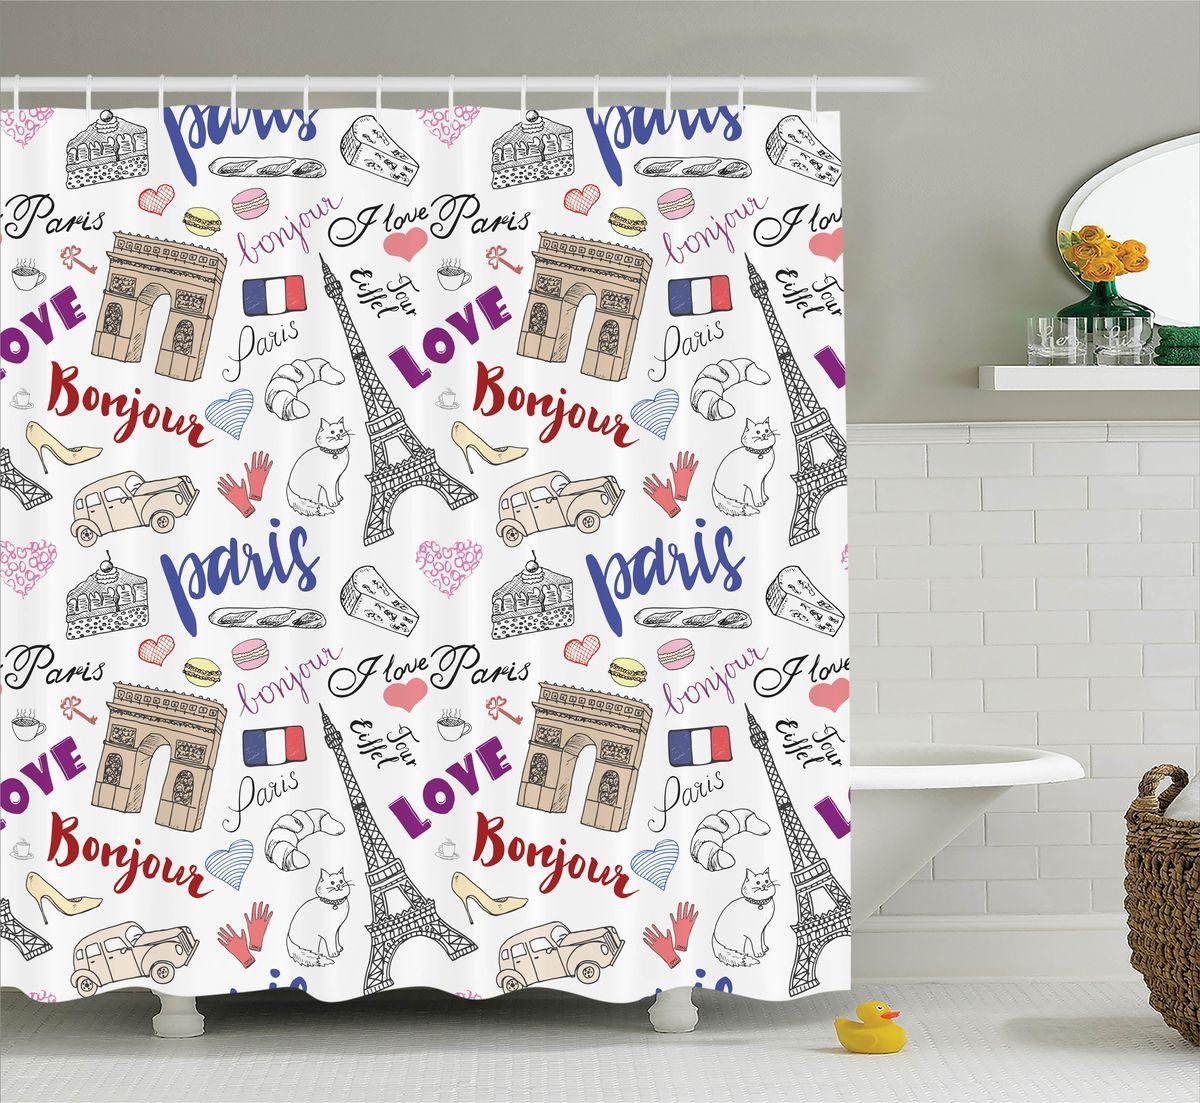 Штора для ванной комнаты Magic Lady Bonjour, Paris!, 180 х 200 смшв_11344Штора Magic Lady Bonjour, Paris!, изготовленная из высококачественного сатена (полиэстер 100%), отлично дополнит любой интерьер ванной комнаты. При изготовлении используются специальные гипоаллергенные чернила для прямой печати по ткани, безопасные для человека. В комплекте: 1 штора, 12 крючков. Обращаем ваше внимание, фактический цвет изделия может незначительно отличаться от представленного на фото.